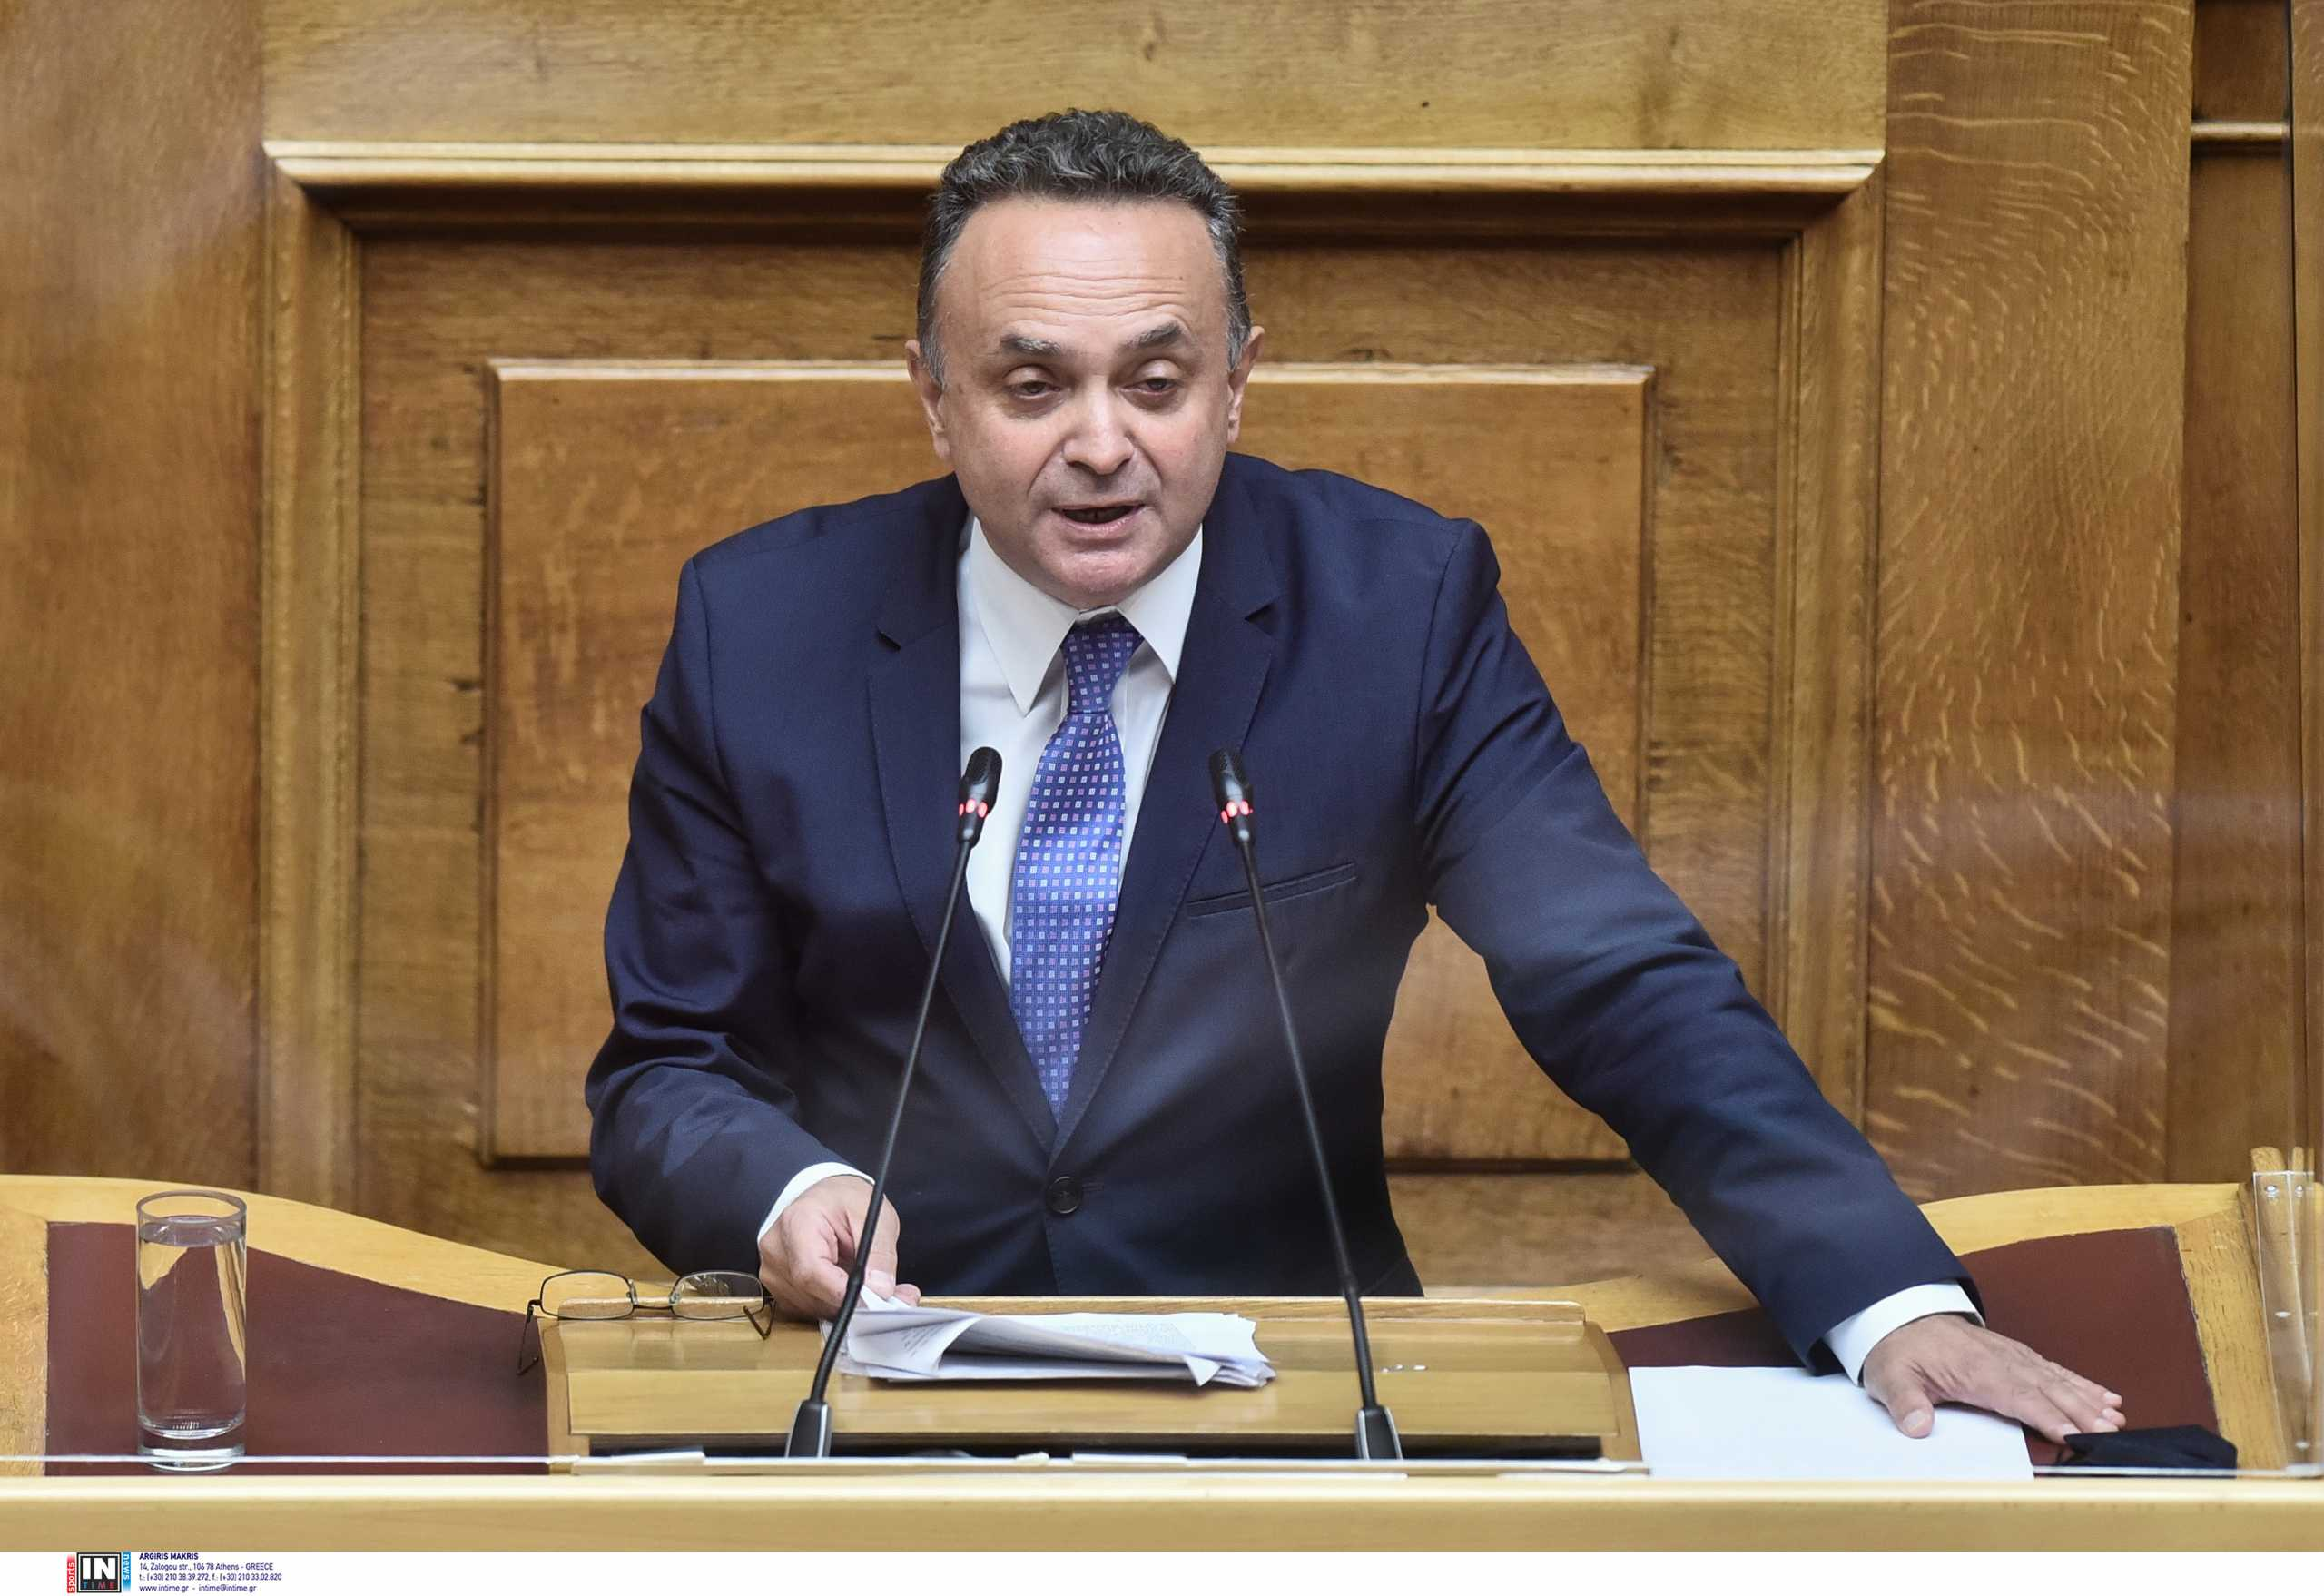 Βουλή – Σταύρος Κελέτσης: Απορρίφθηκε η άρση ασυλίας του